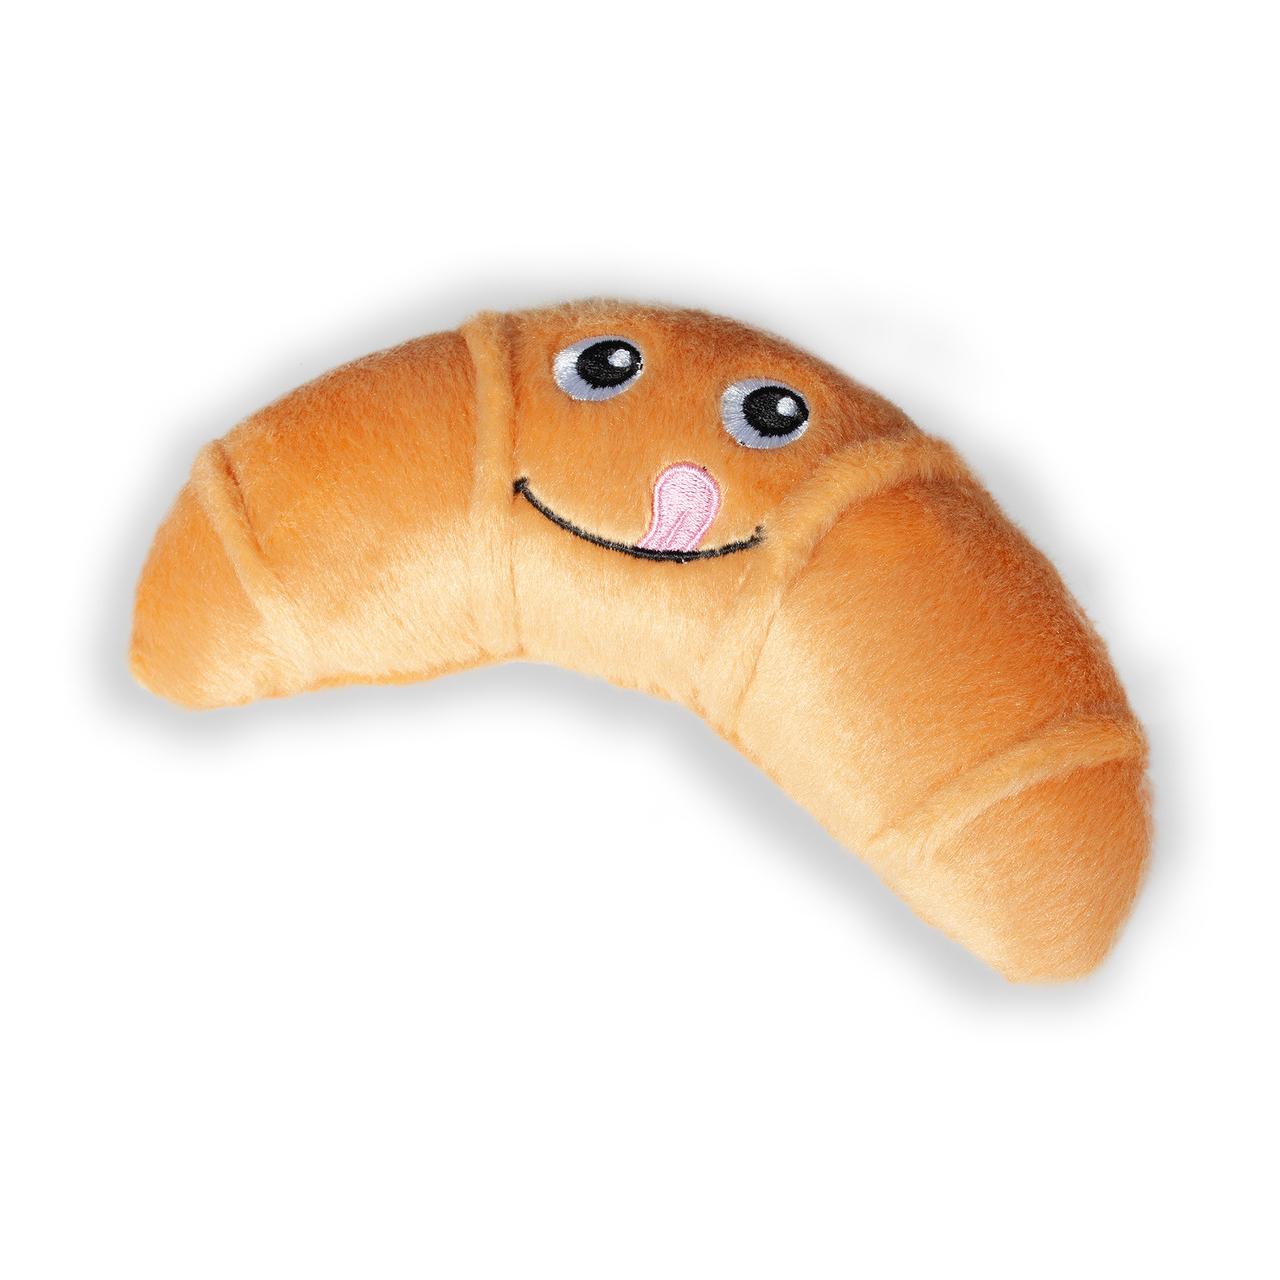 Karlie Hundespielzeug aus Plüsch Croissant, Bild 3